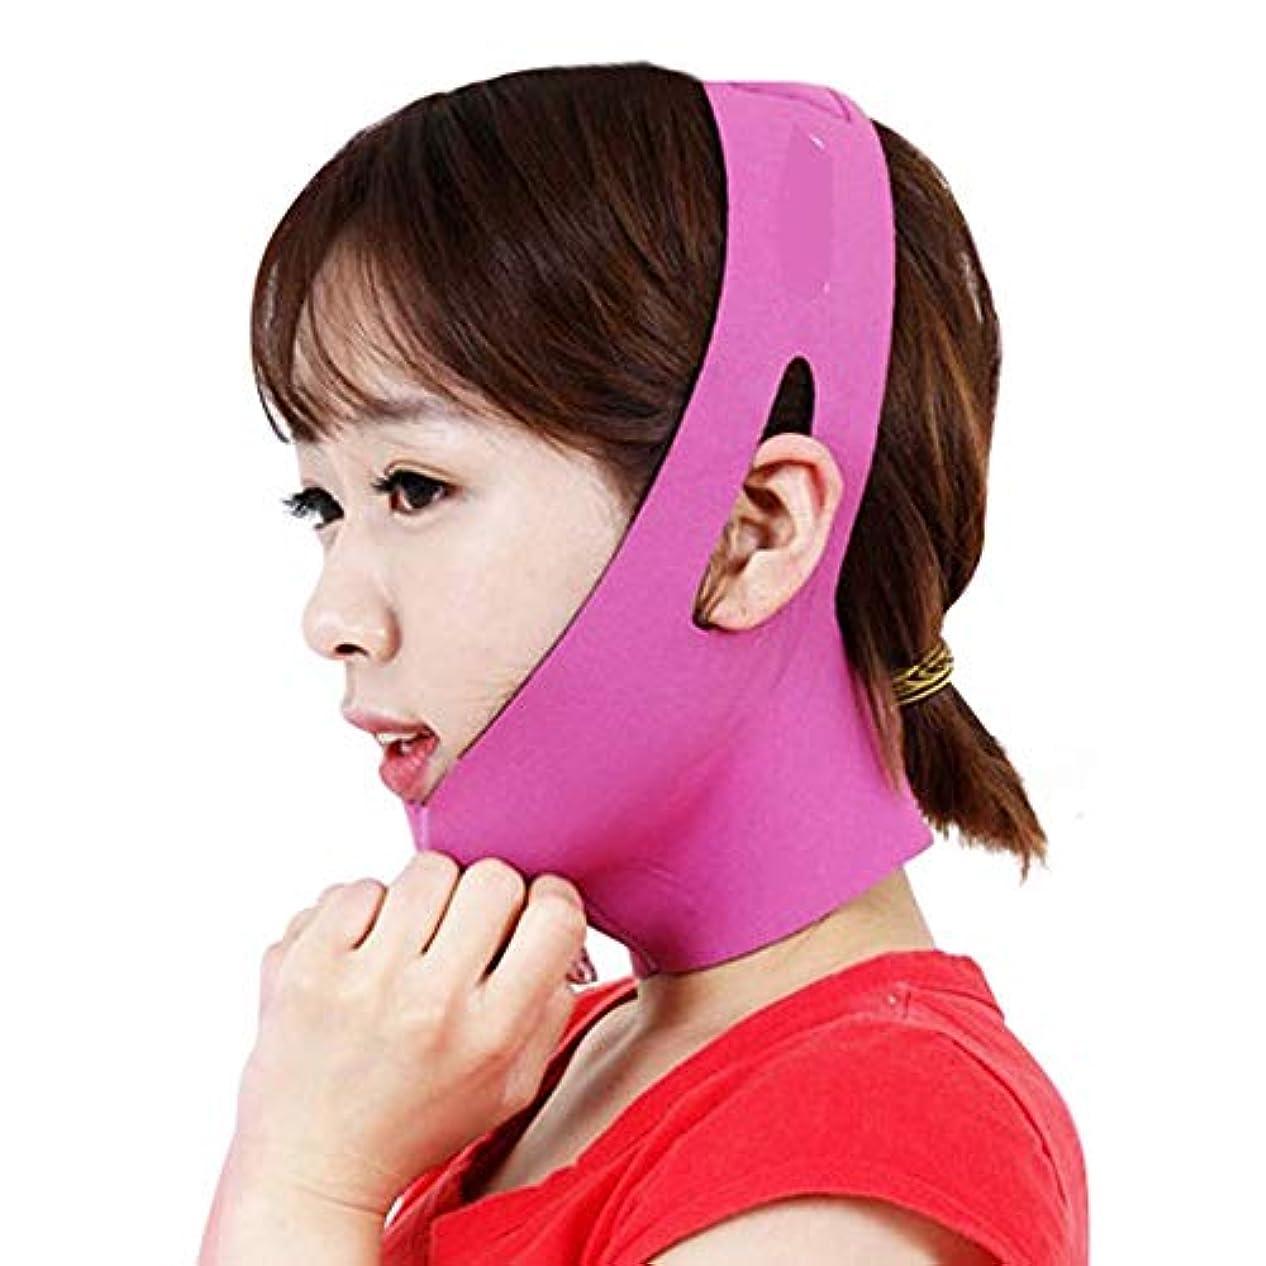 十分です技術施しMinmin フェイシャルリフティング痩身ベルト圧縮二重あご減量ベルトスキンケア薄い顔包帯二重あごワークアウト みんみんVラインフェイスマスク (Color : Pink)